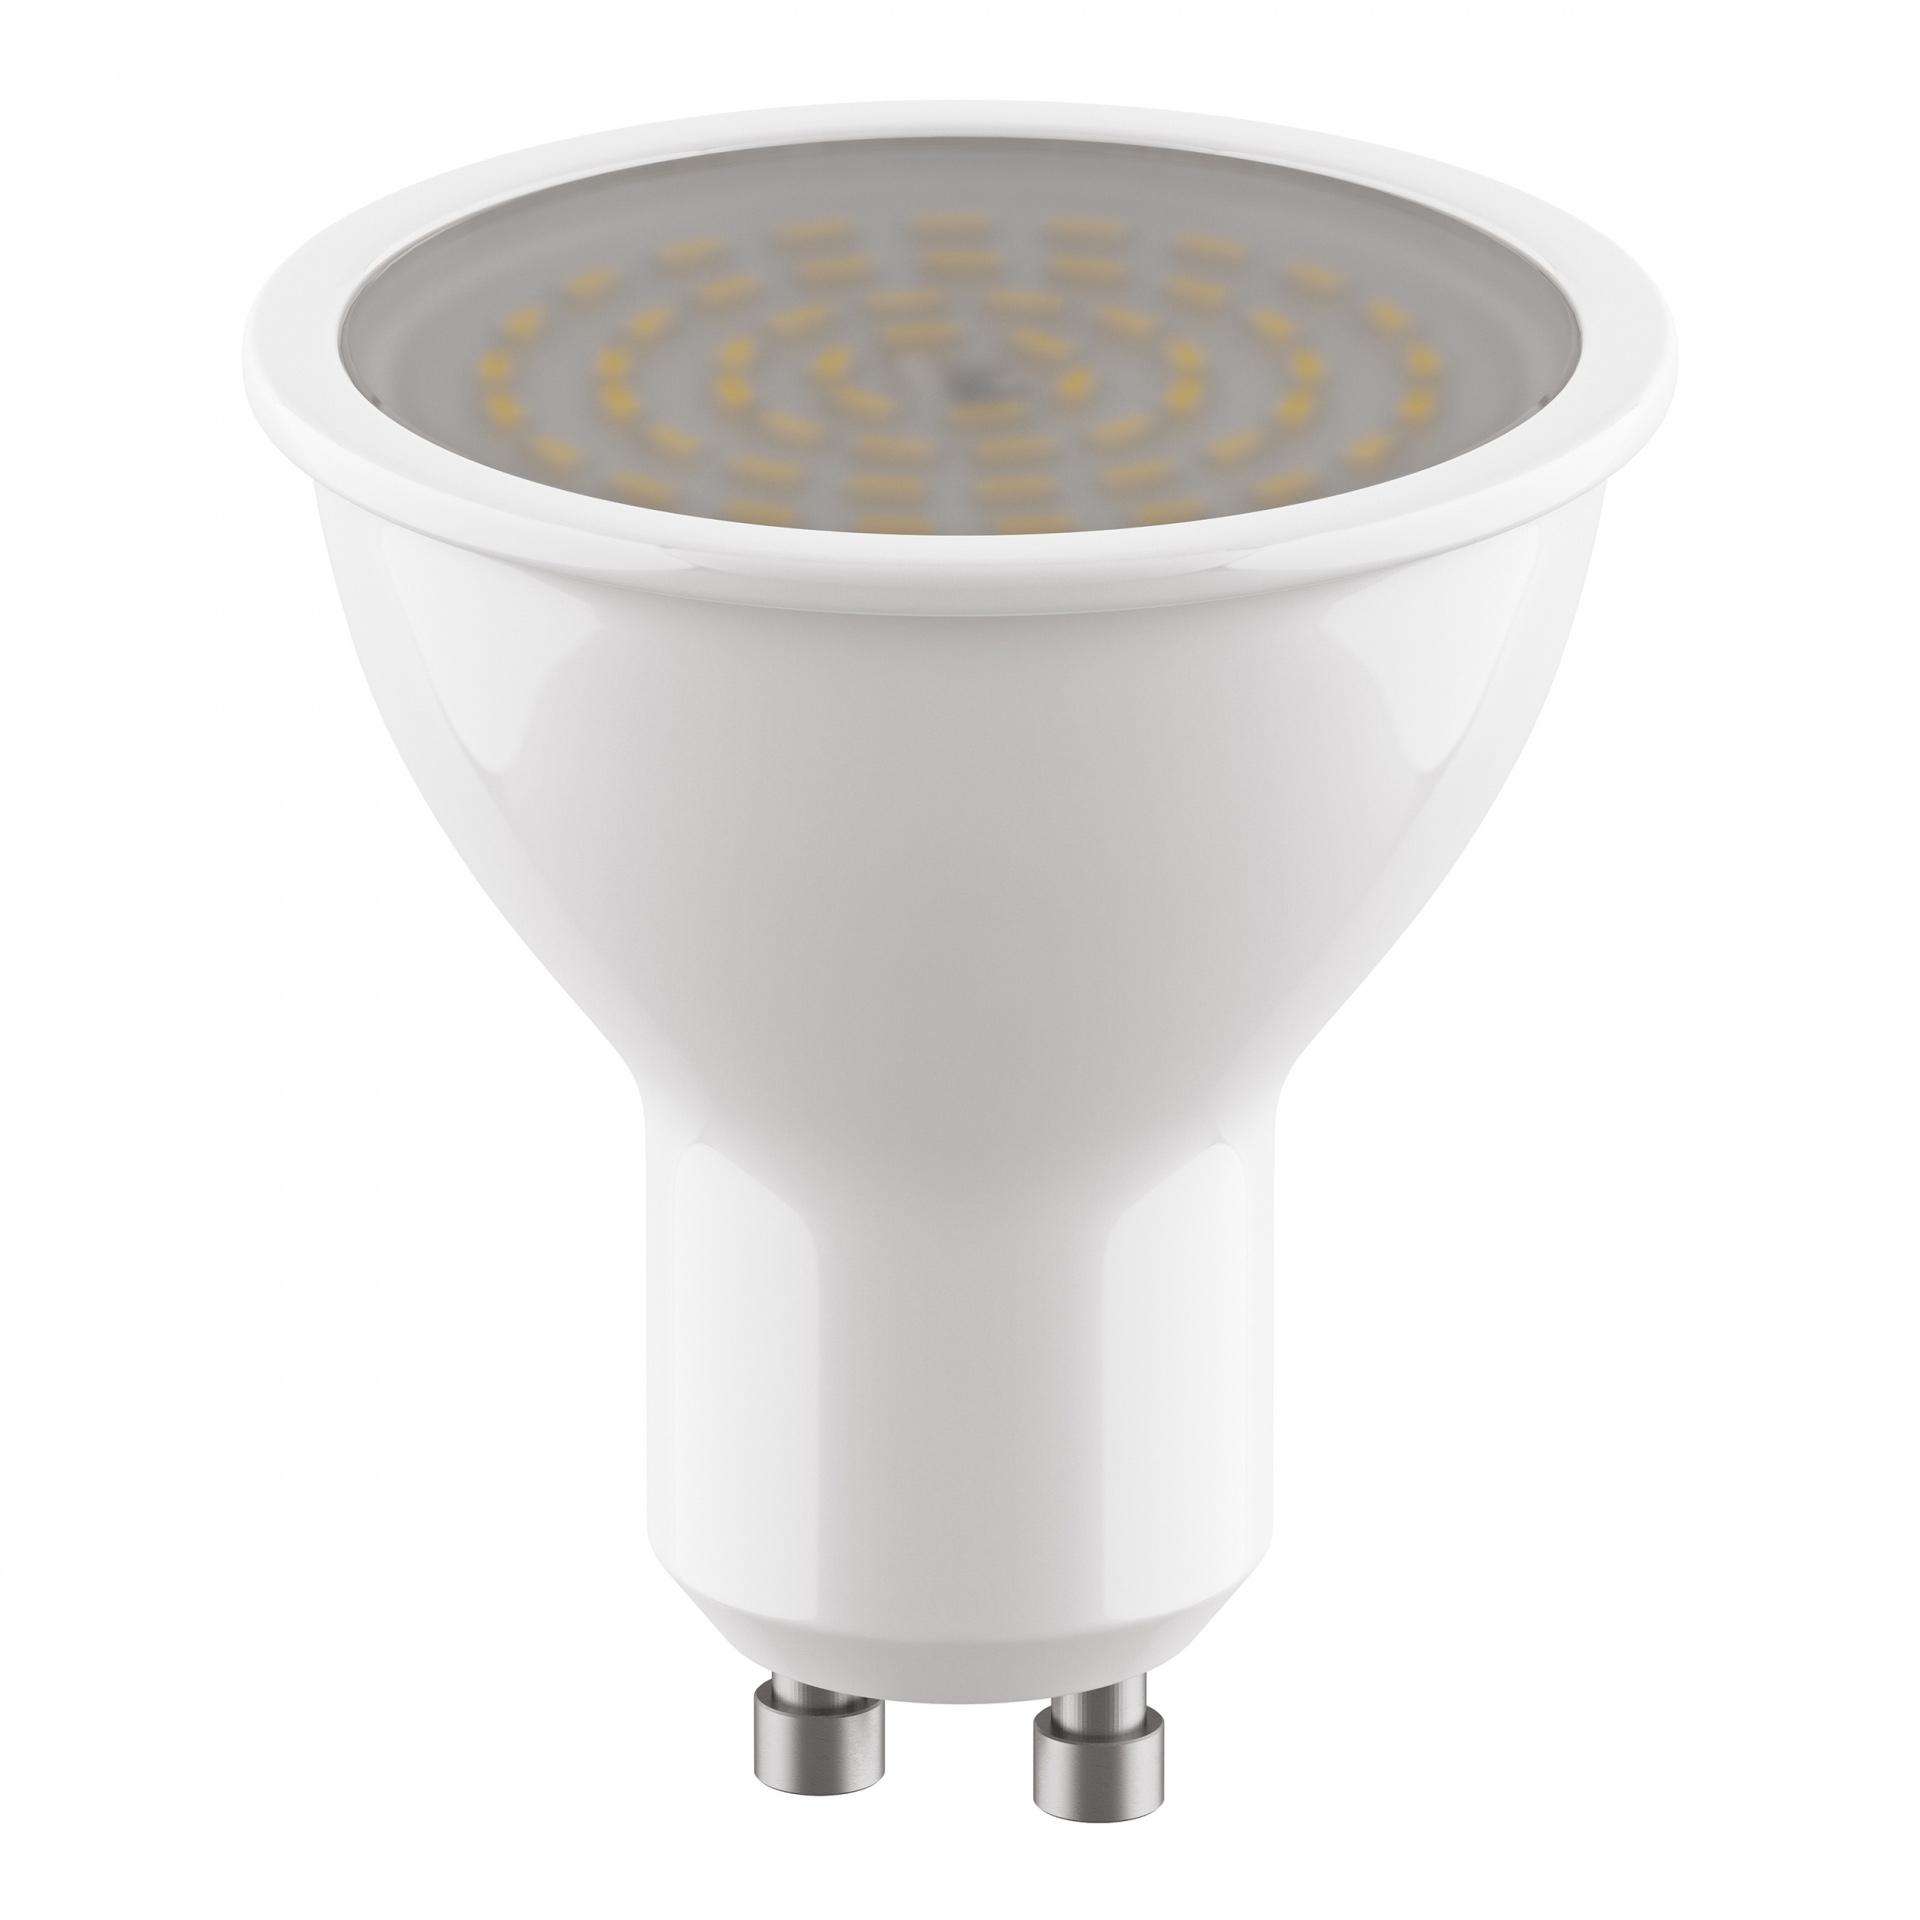 Лампа LED 220V HP16 GU10 6.5W=60W 325LM 120G FR 4000K 20000H Lightstar 940264, купить в СПб, Москве, с доставкой, Санкт-Петербург, интернет-магазин люстр и светильников Starlight, фото в жизни